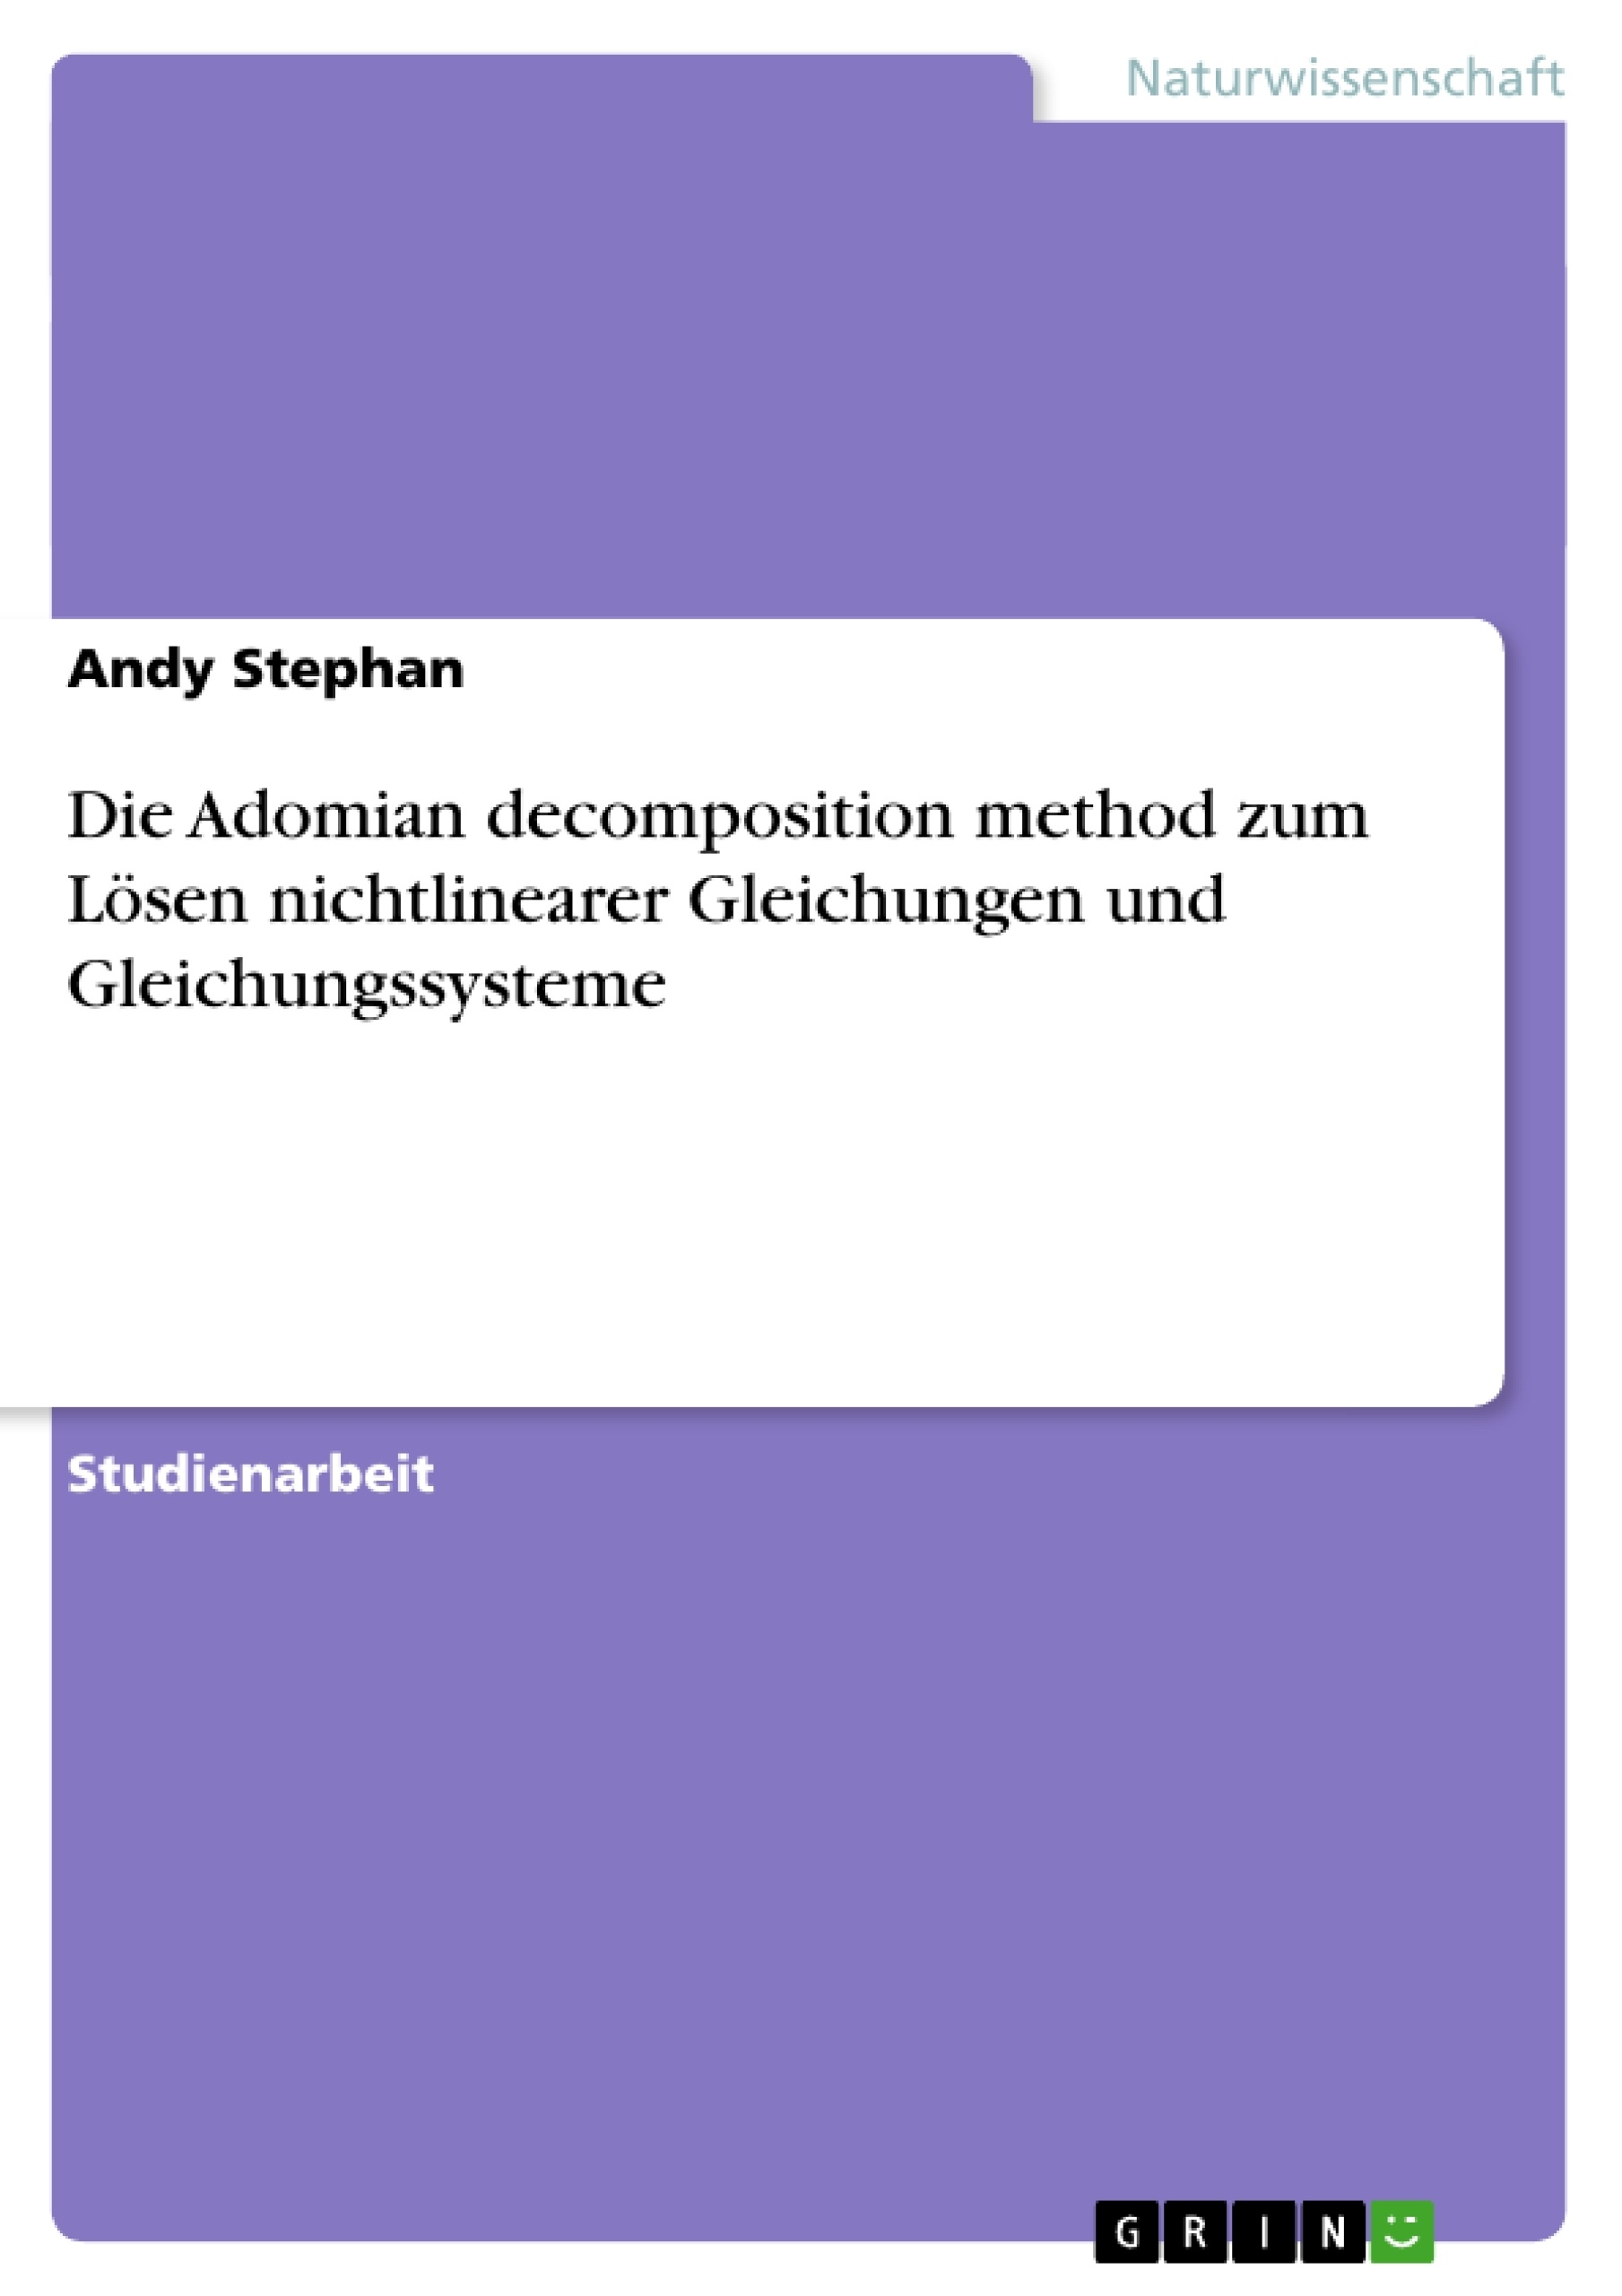 Titel: Die Adomian decomposition method zum Lösen nichtlinearer Gleichungen und Gleichungssysteme